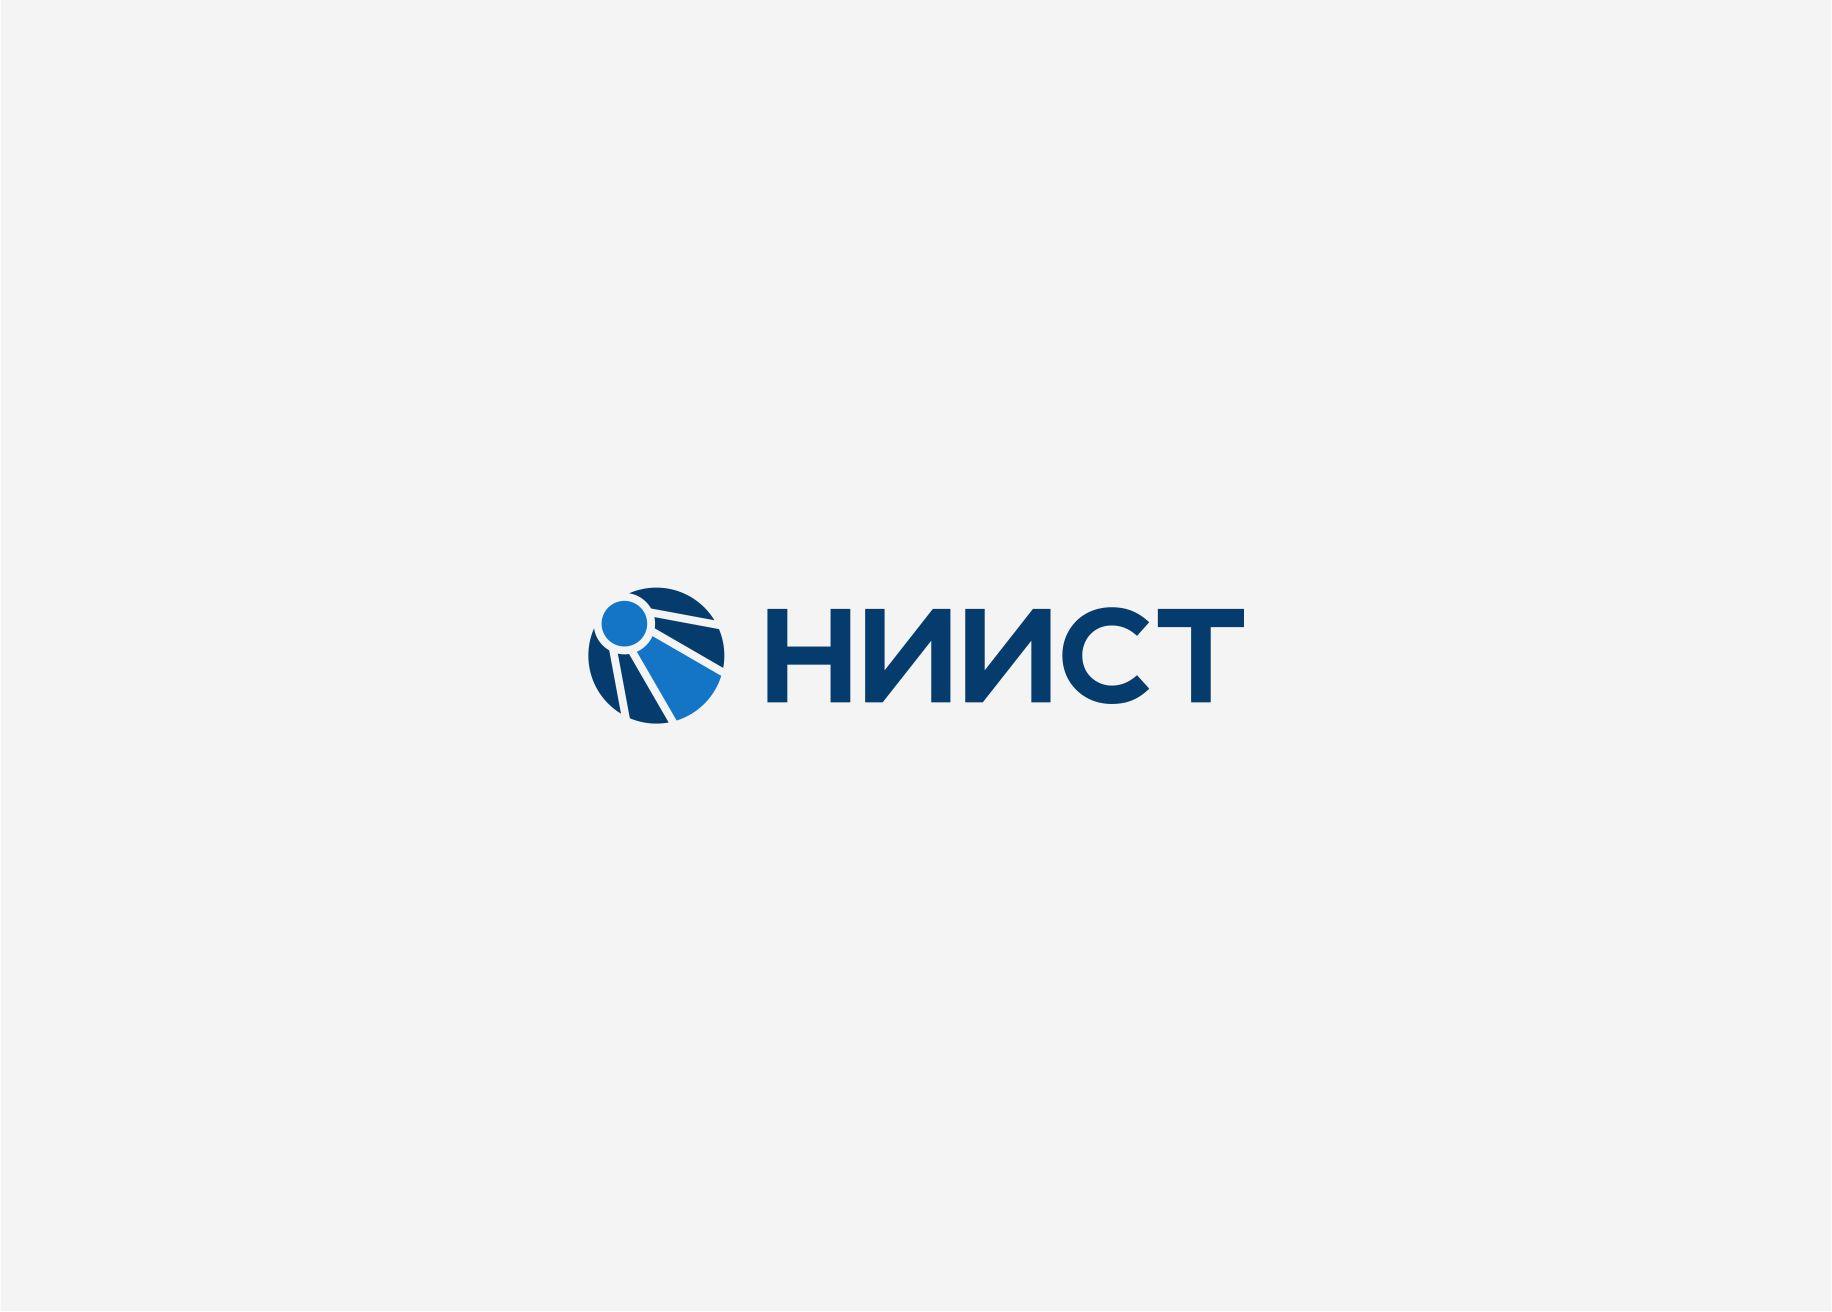 Разработка логотипа фото f_4535b9cb691642a2.jpg